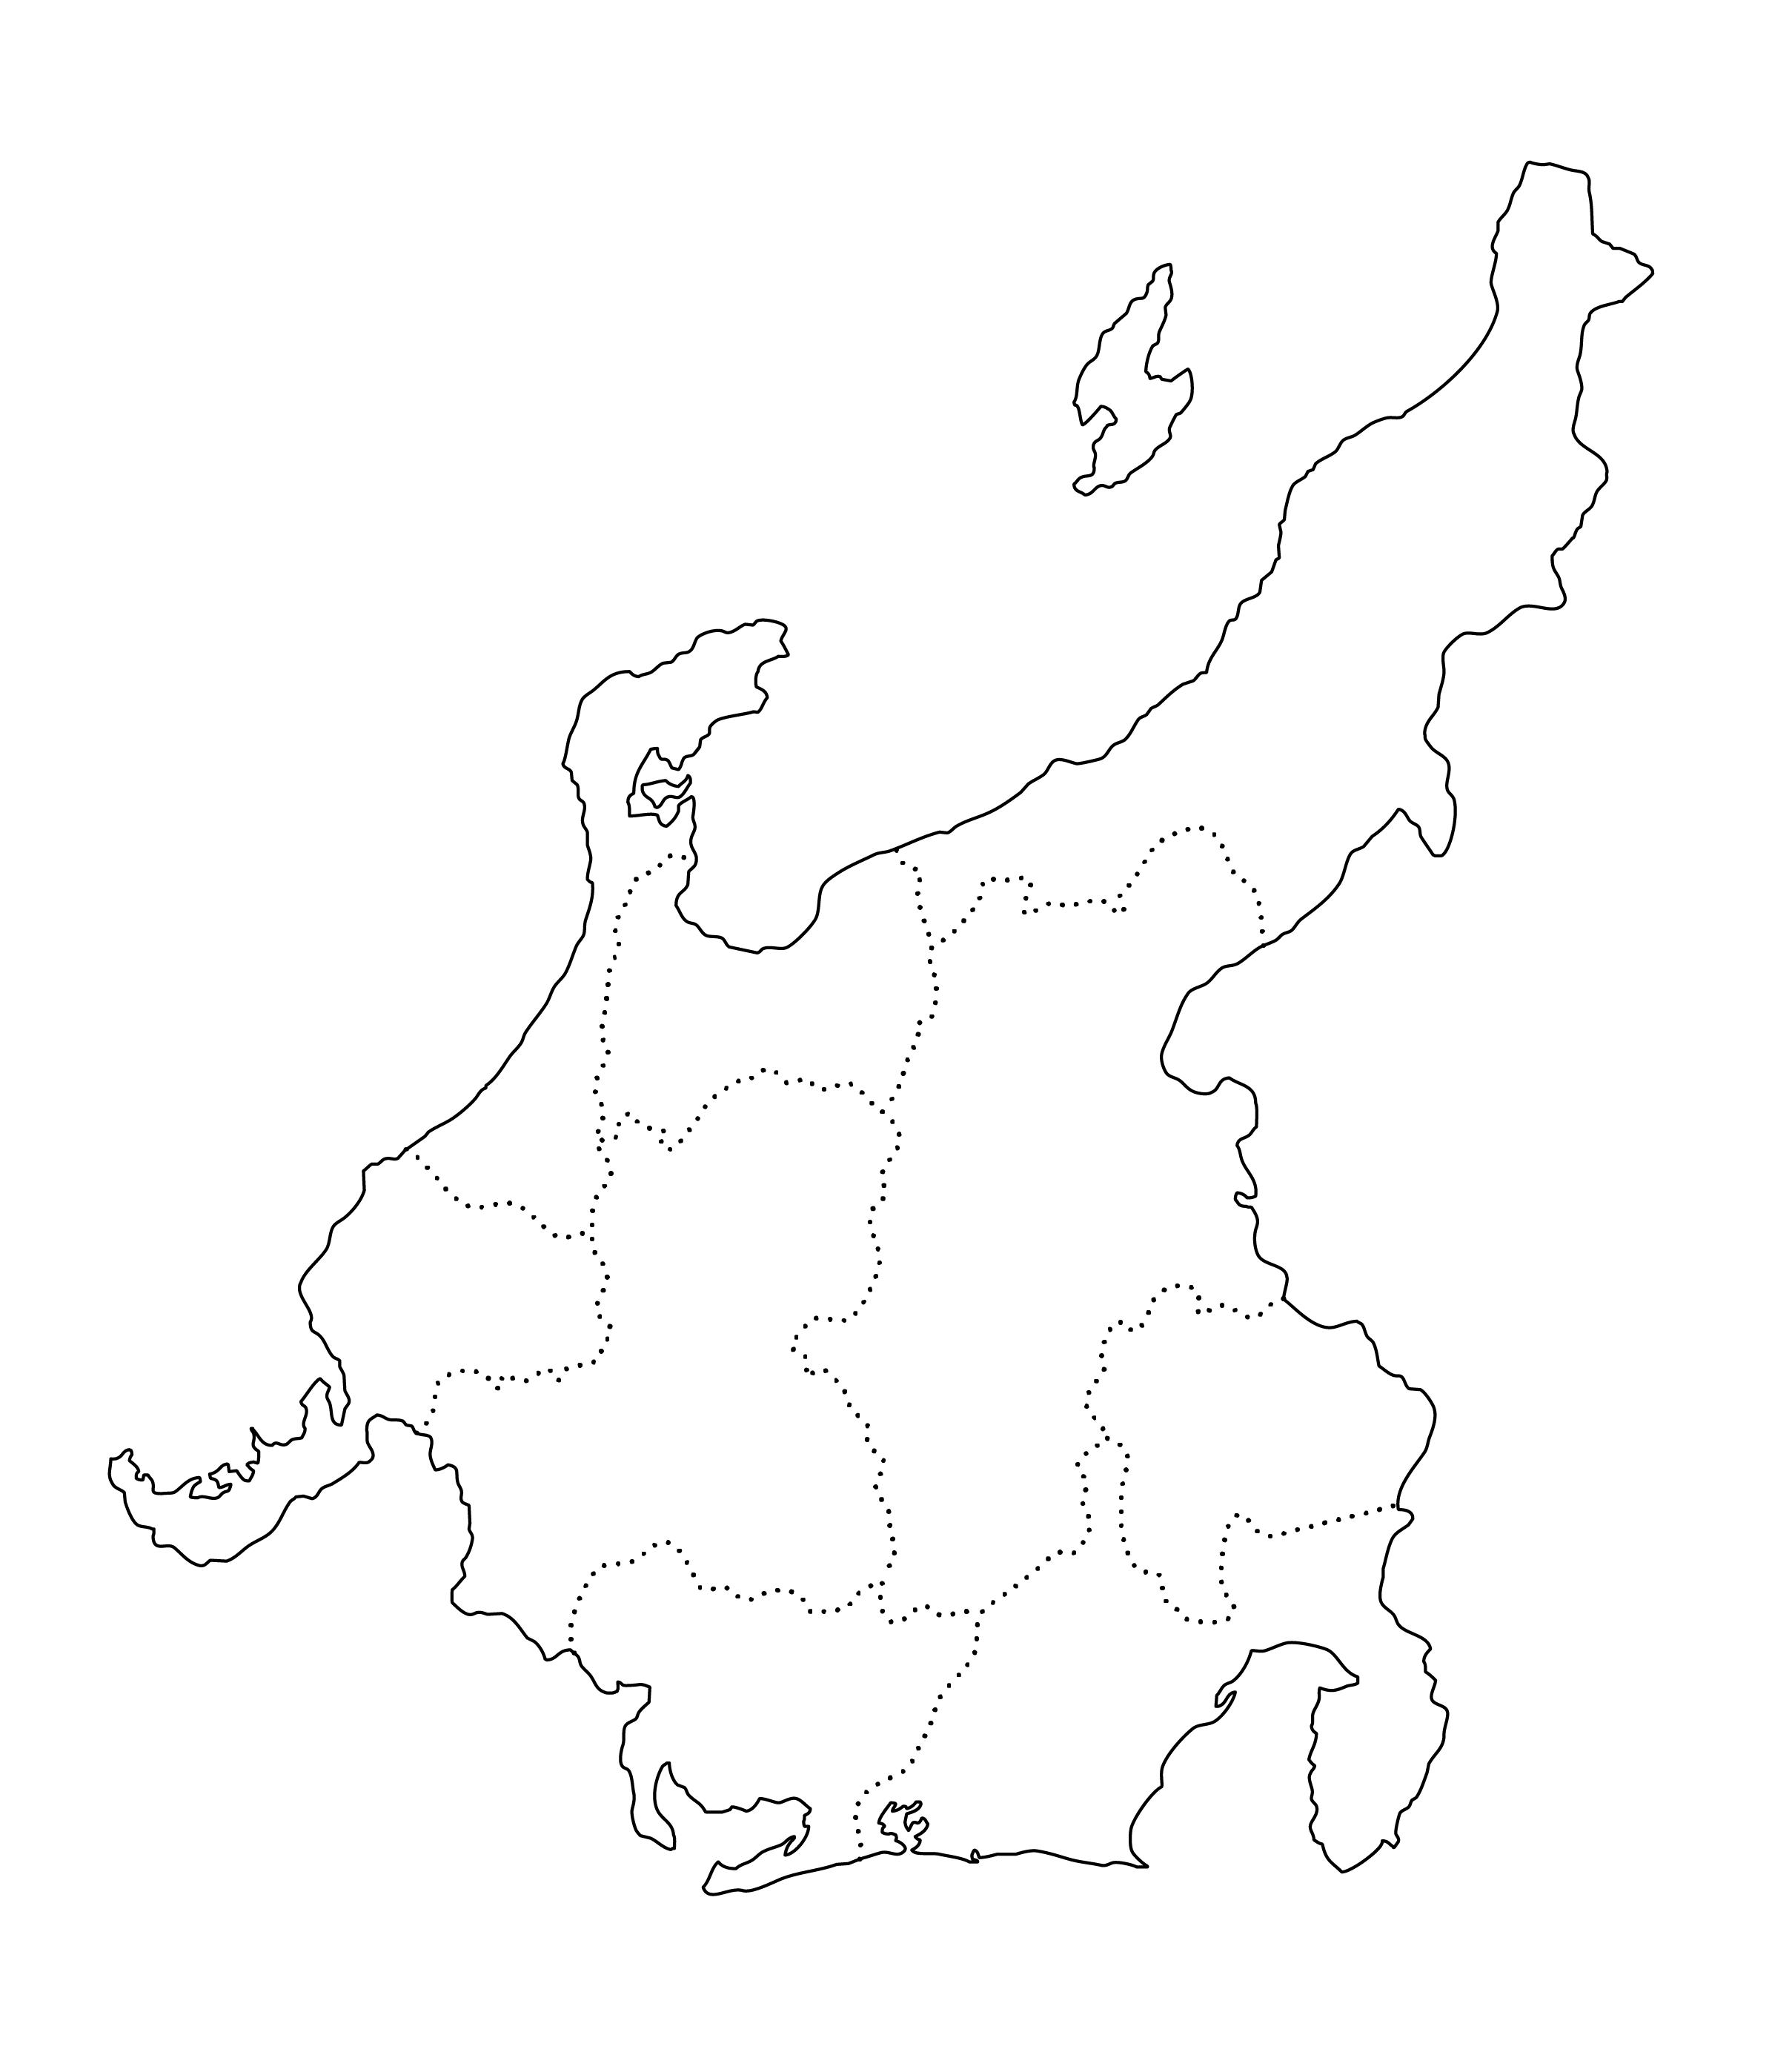 日本地図 地方 白地図のイラスト 白地図 中部 白地図 地図 イラスト